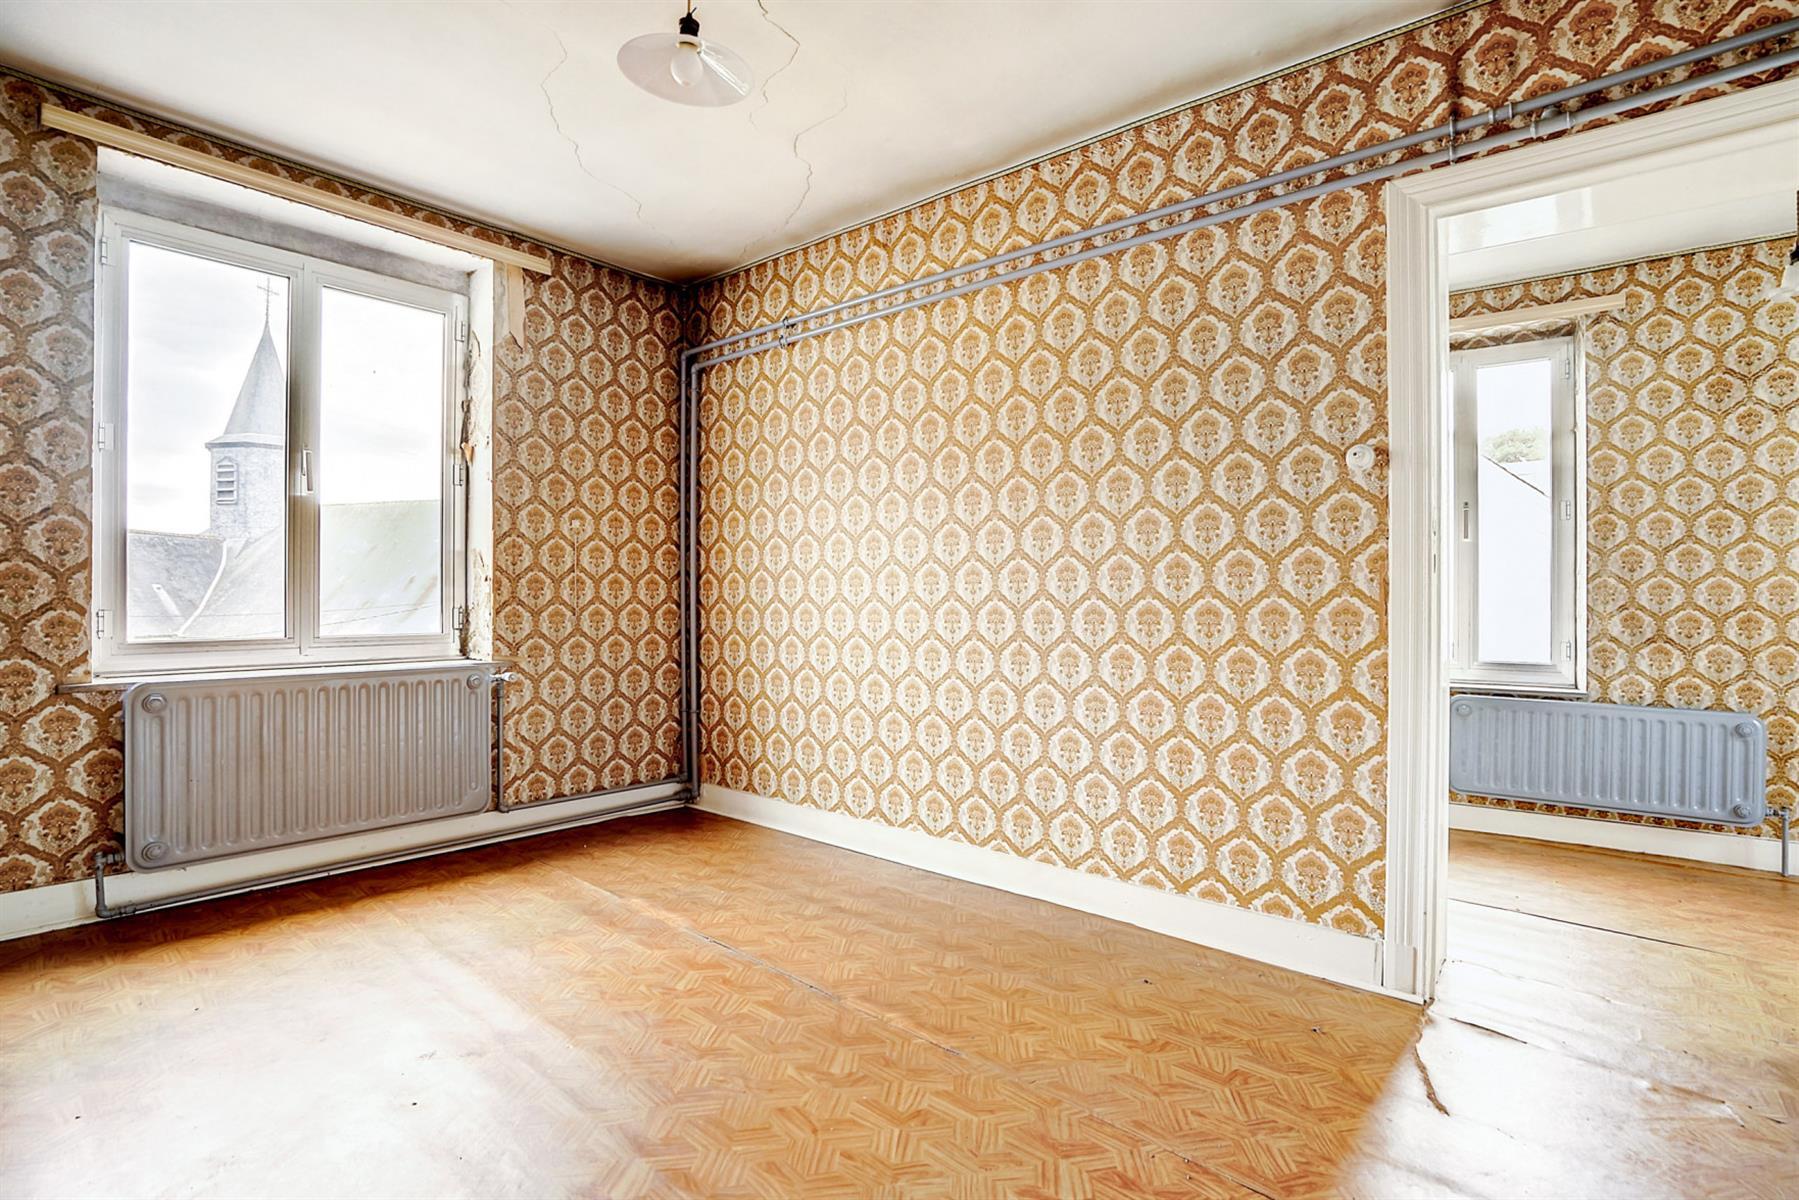 Maison - Ottignies - #4508432-15